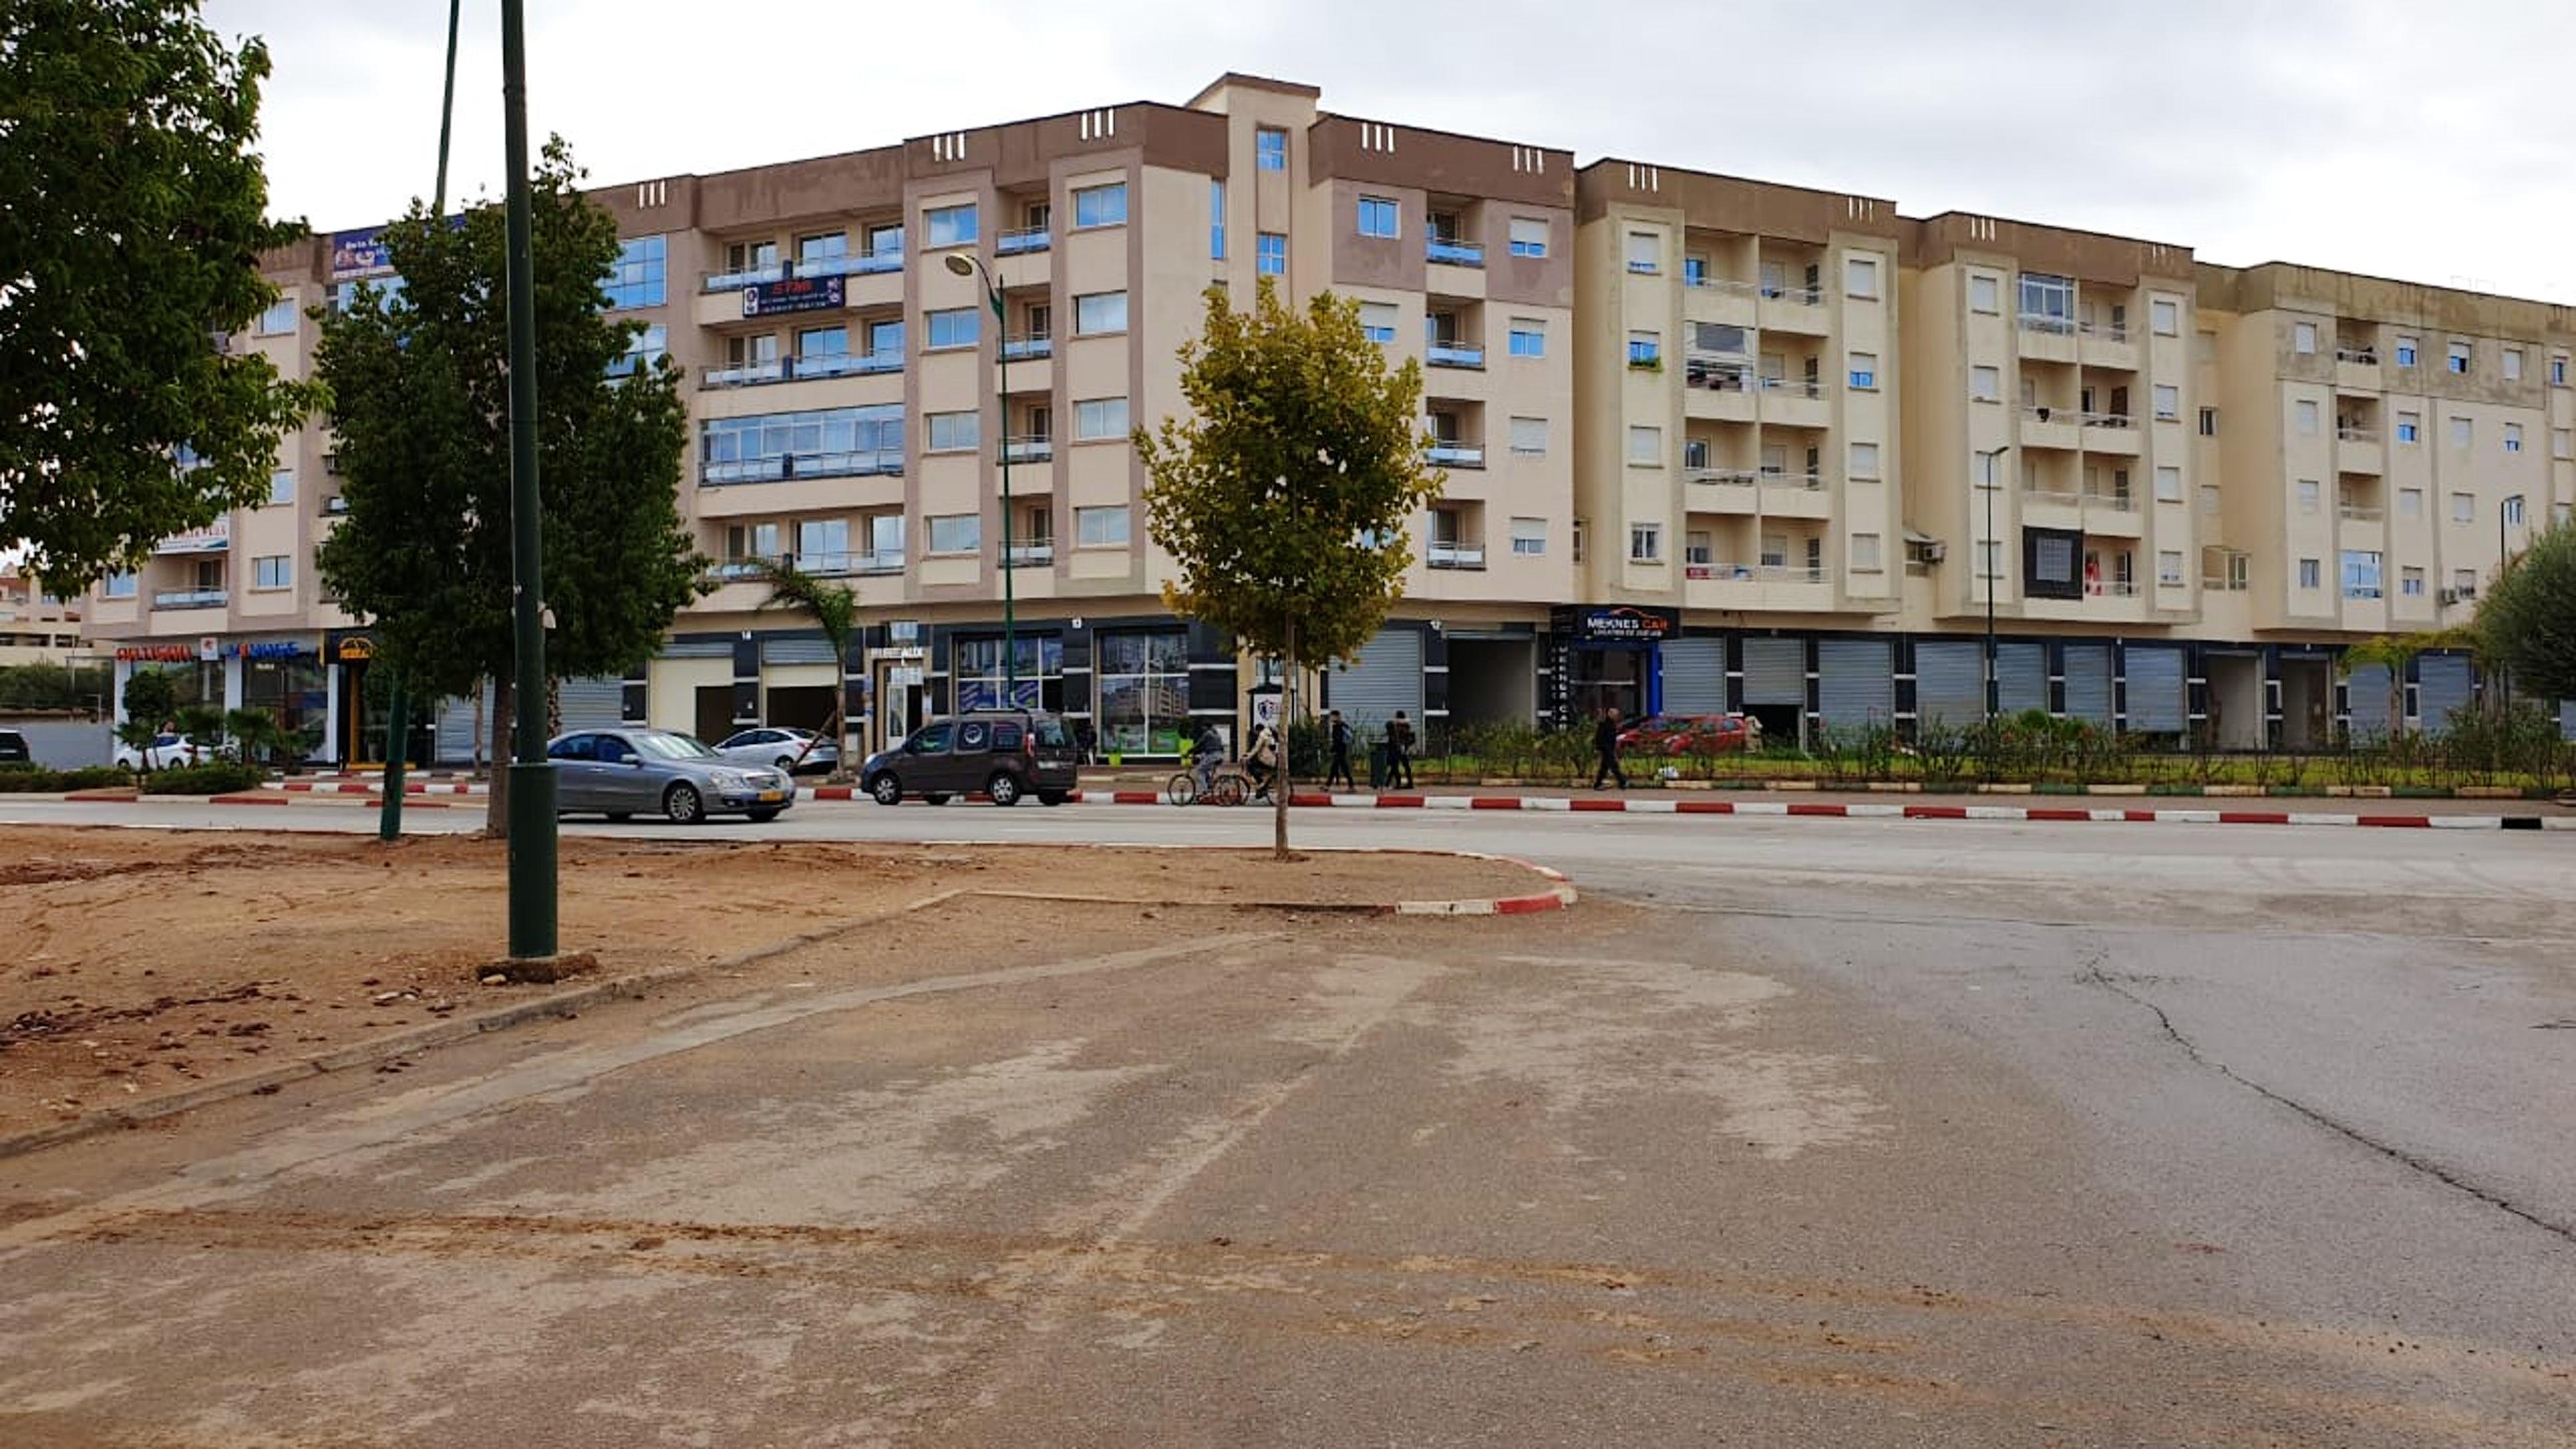 Wohnung mit 2 Schlafzimmern in Meknes mit schö Ferienwohnung in Afrika